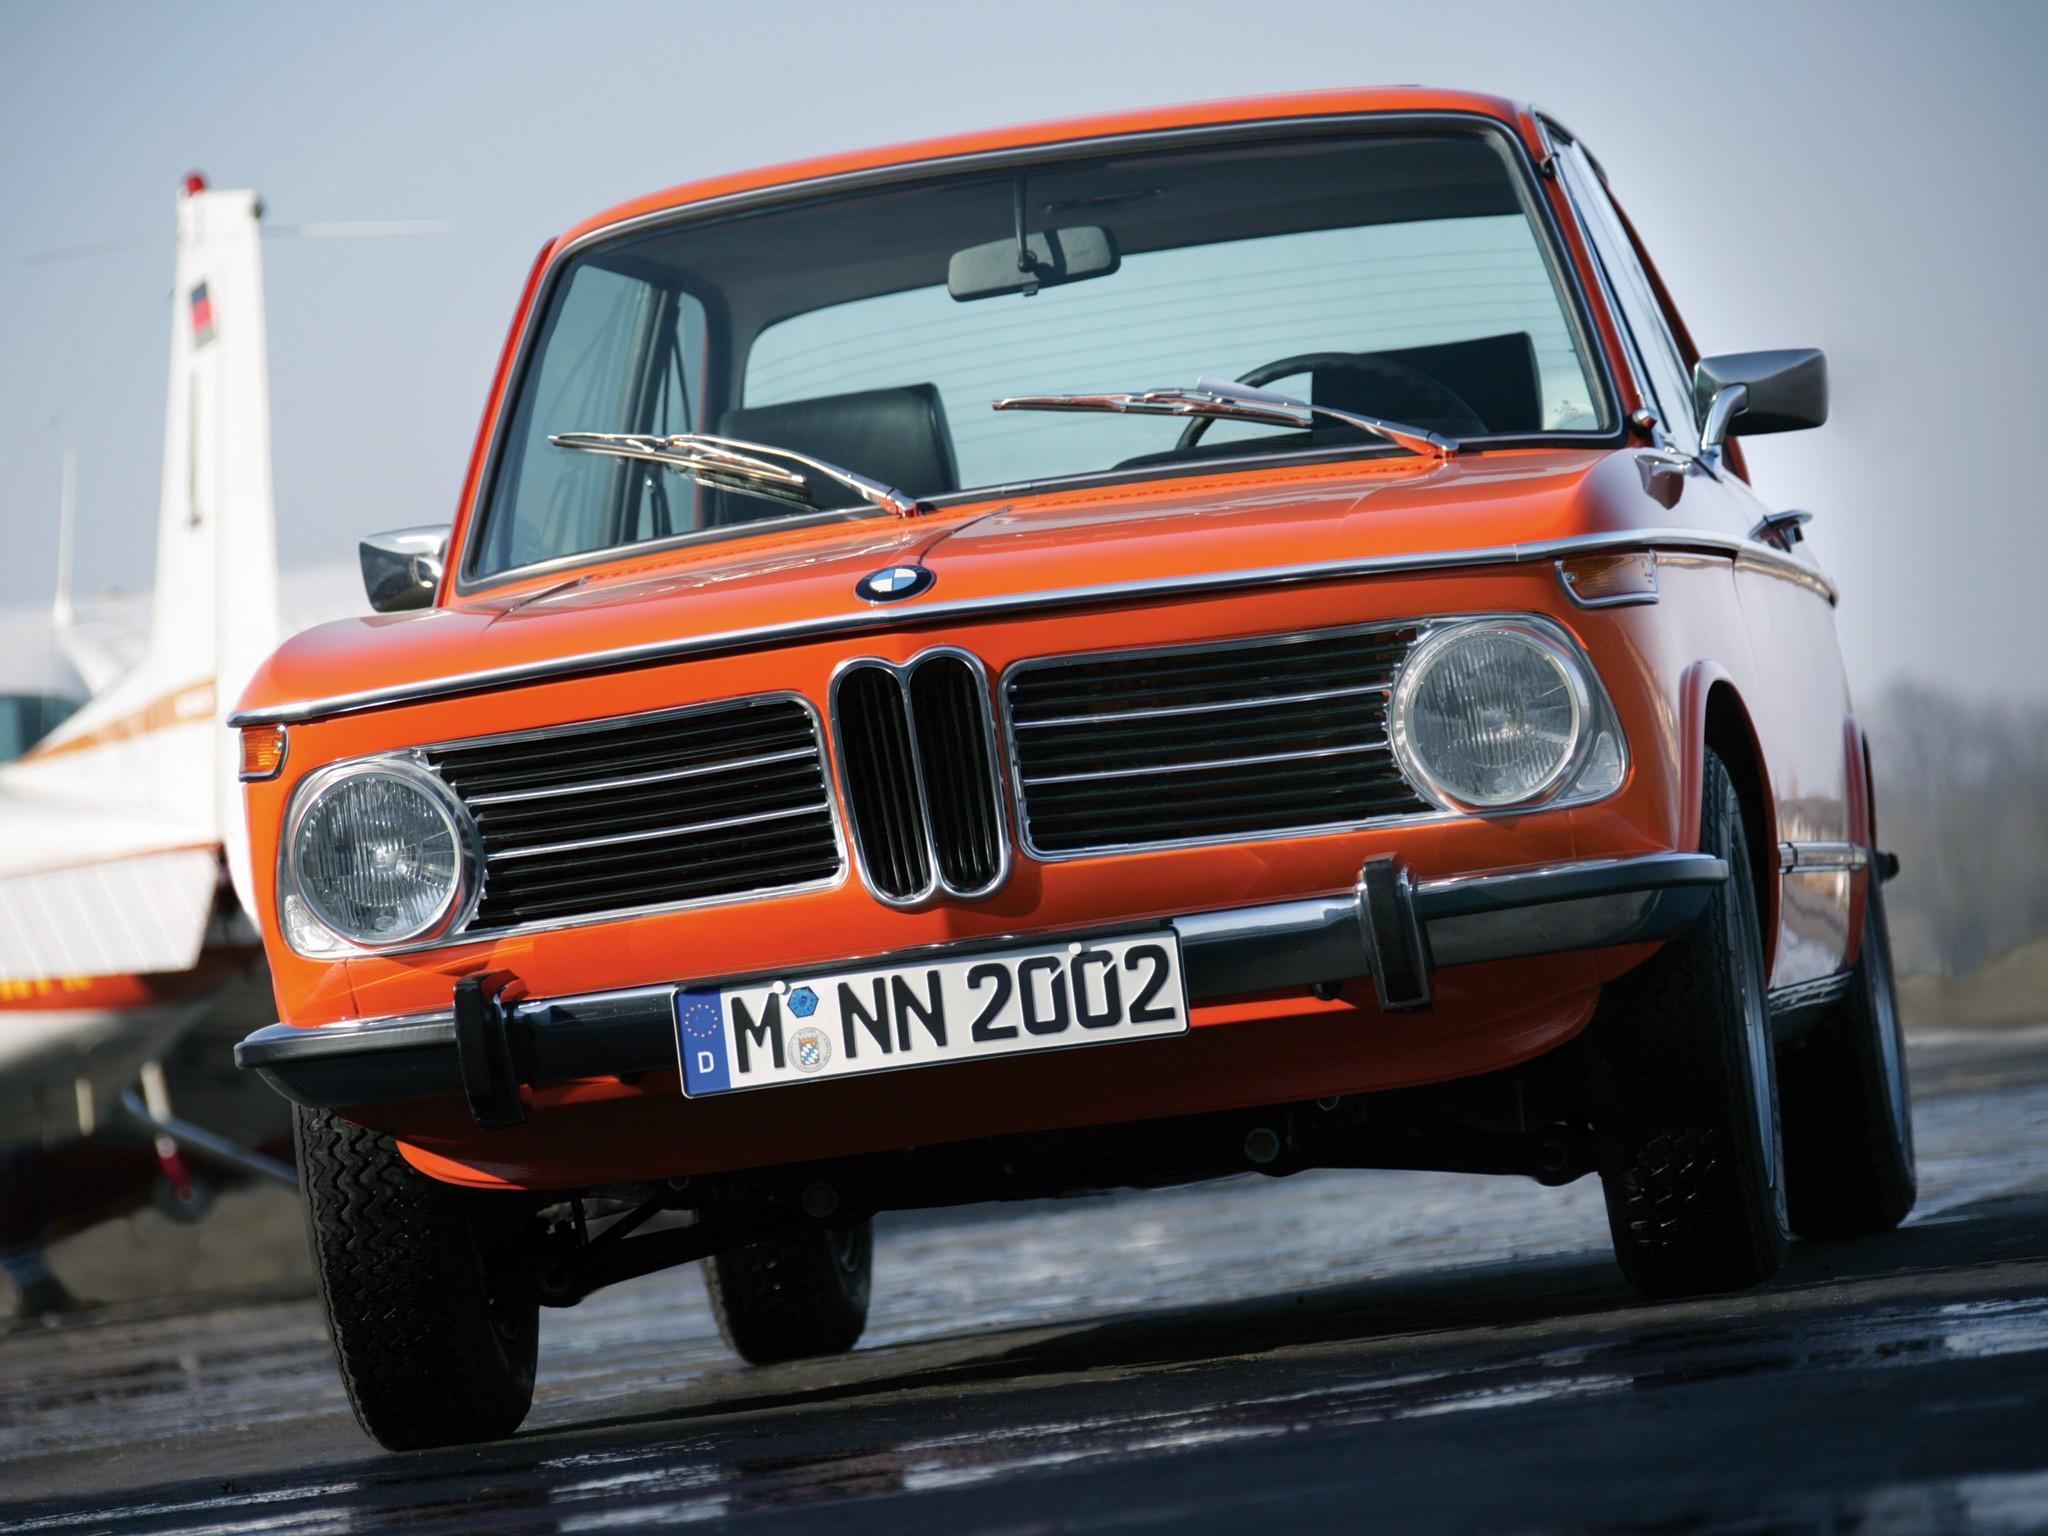 Bmw 2002 Specs Amp Photos 1968 1969 1970 1971 1972 1973 1974 1975 Autoevolution